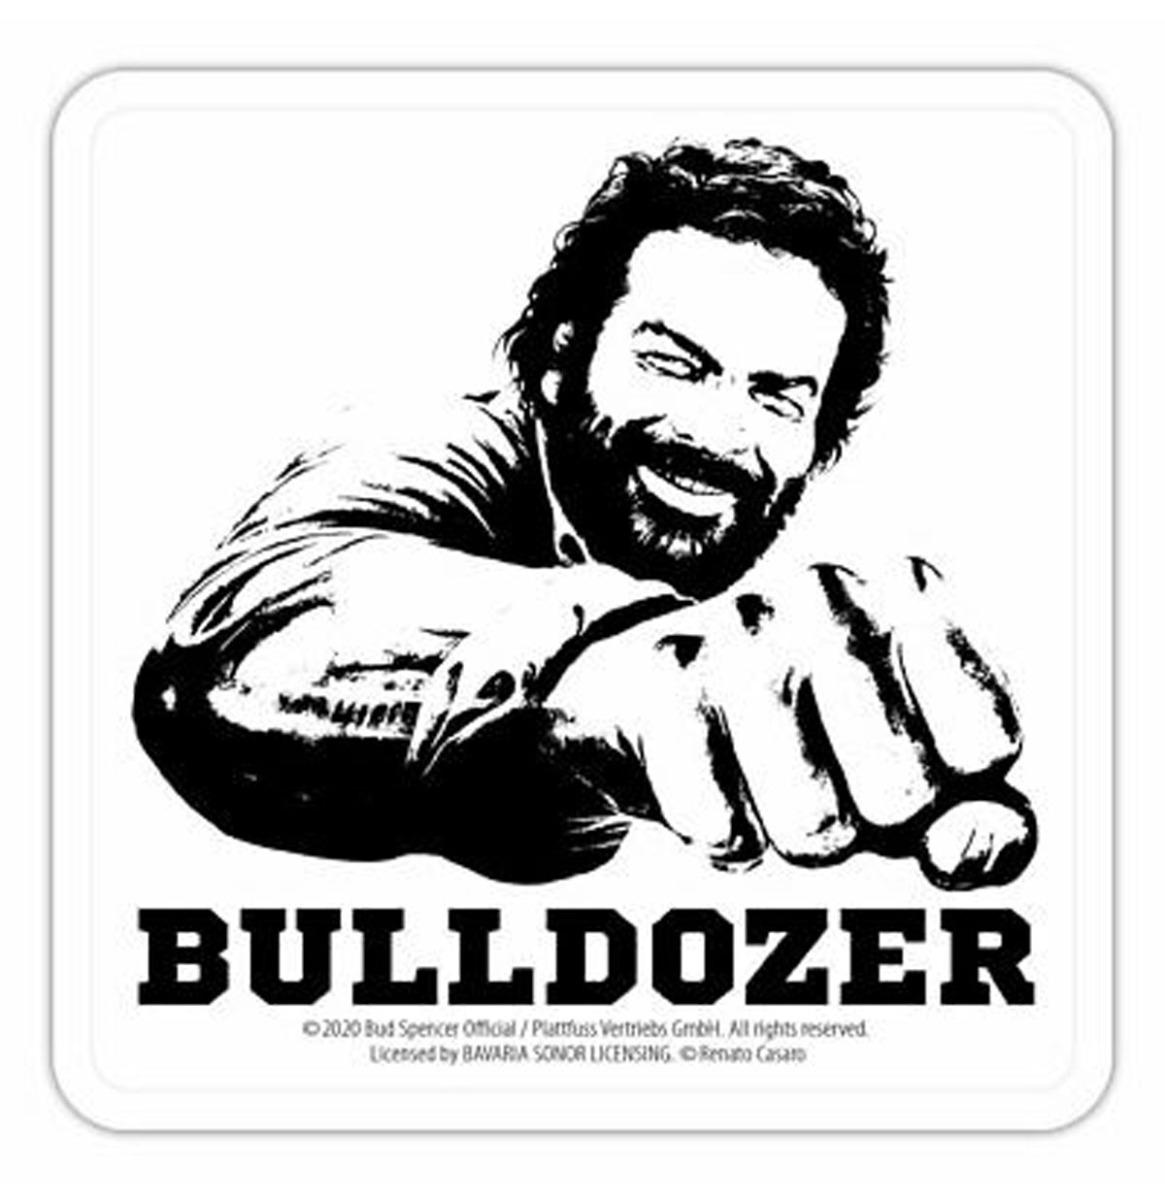 Bud Spencer Bulldozer Metalen Onderzetters - Set Van 5